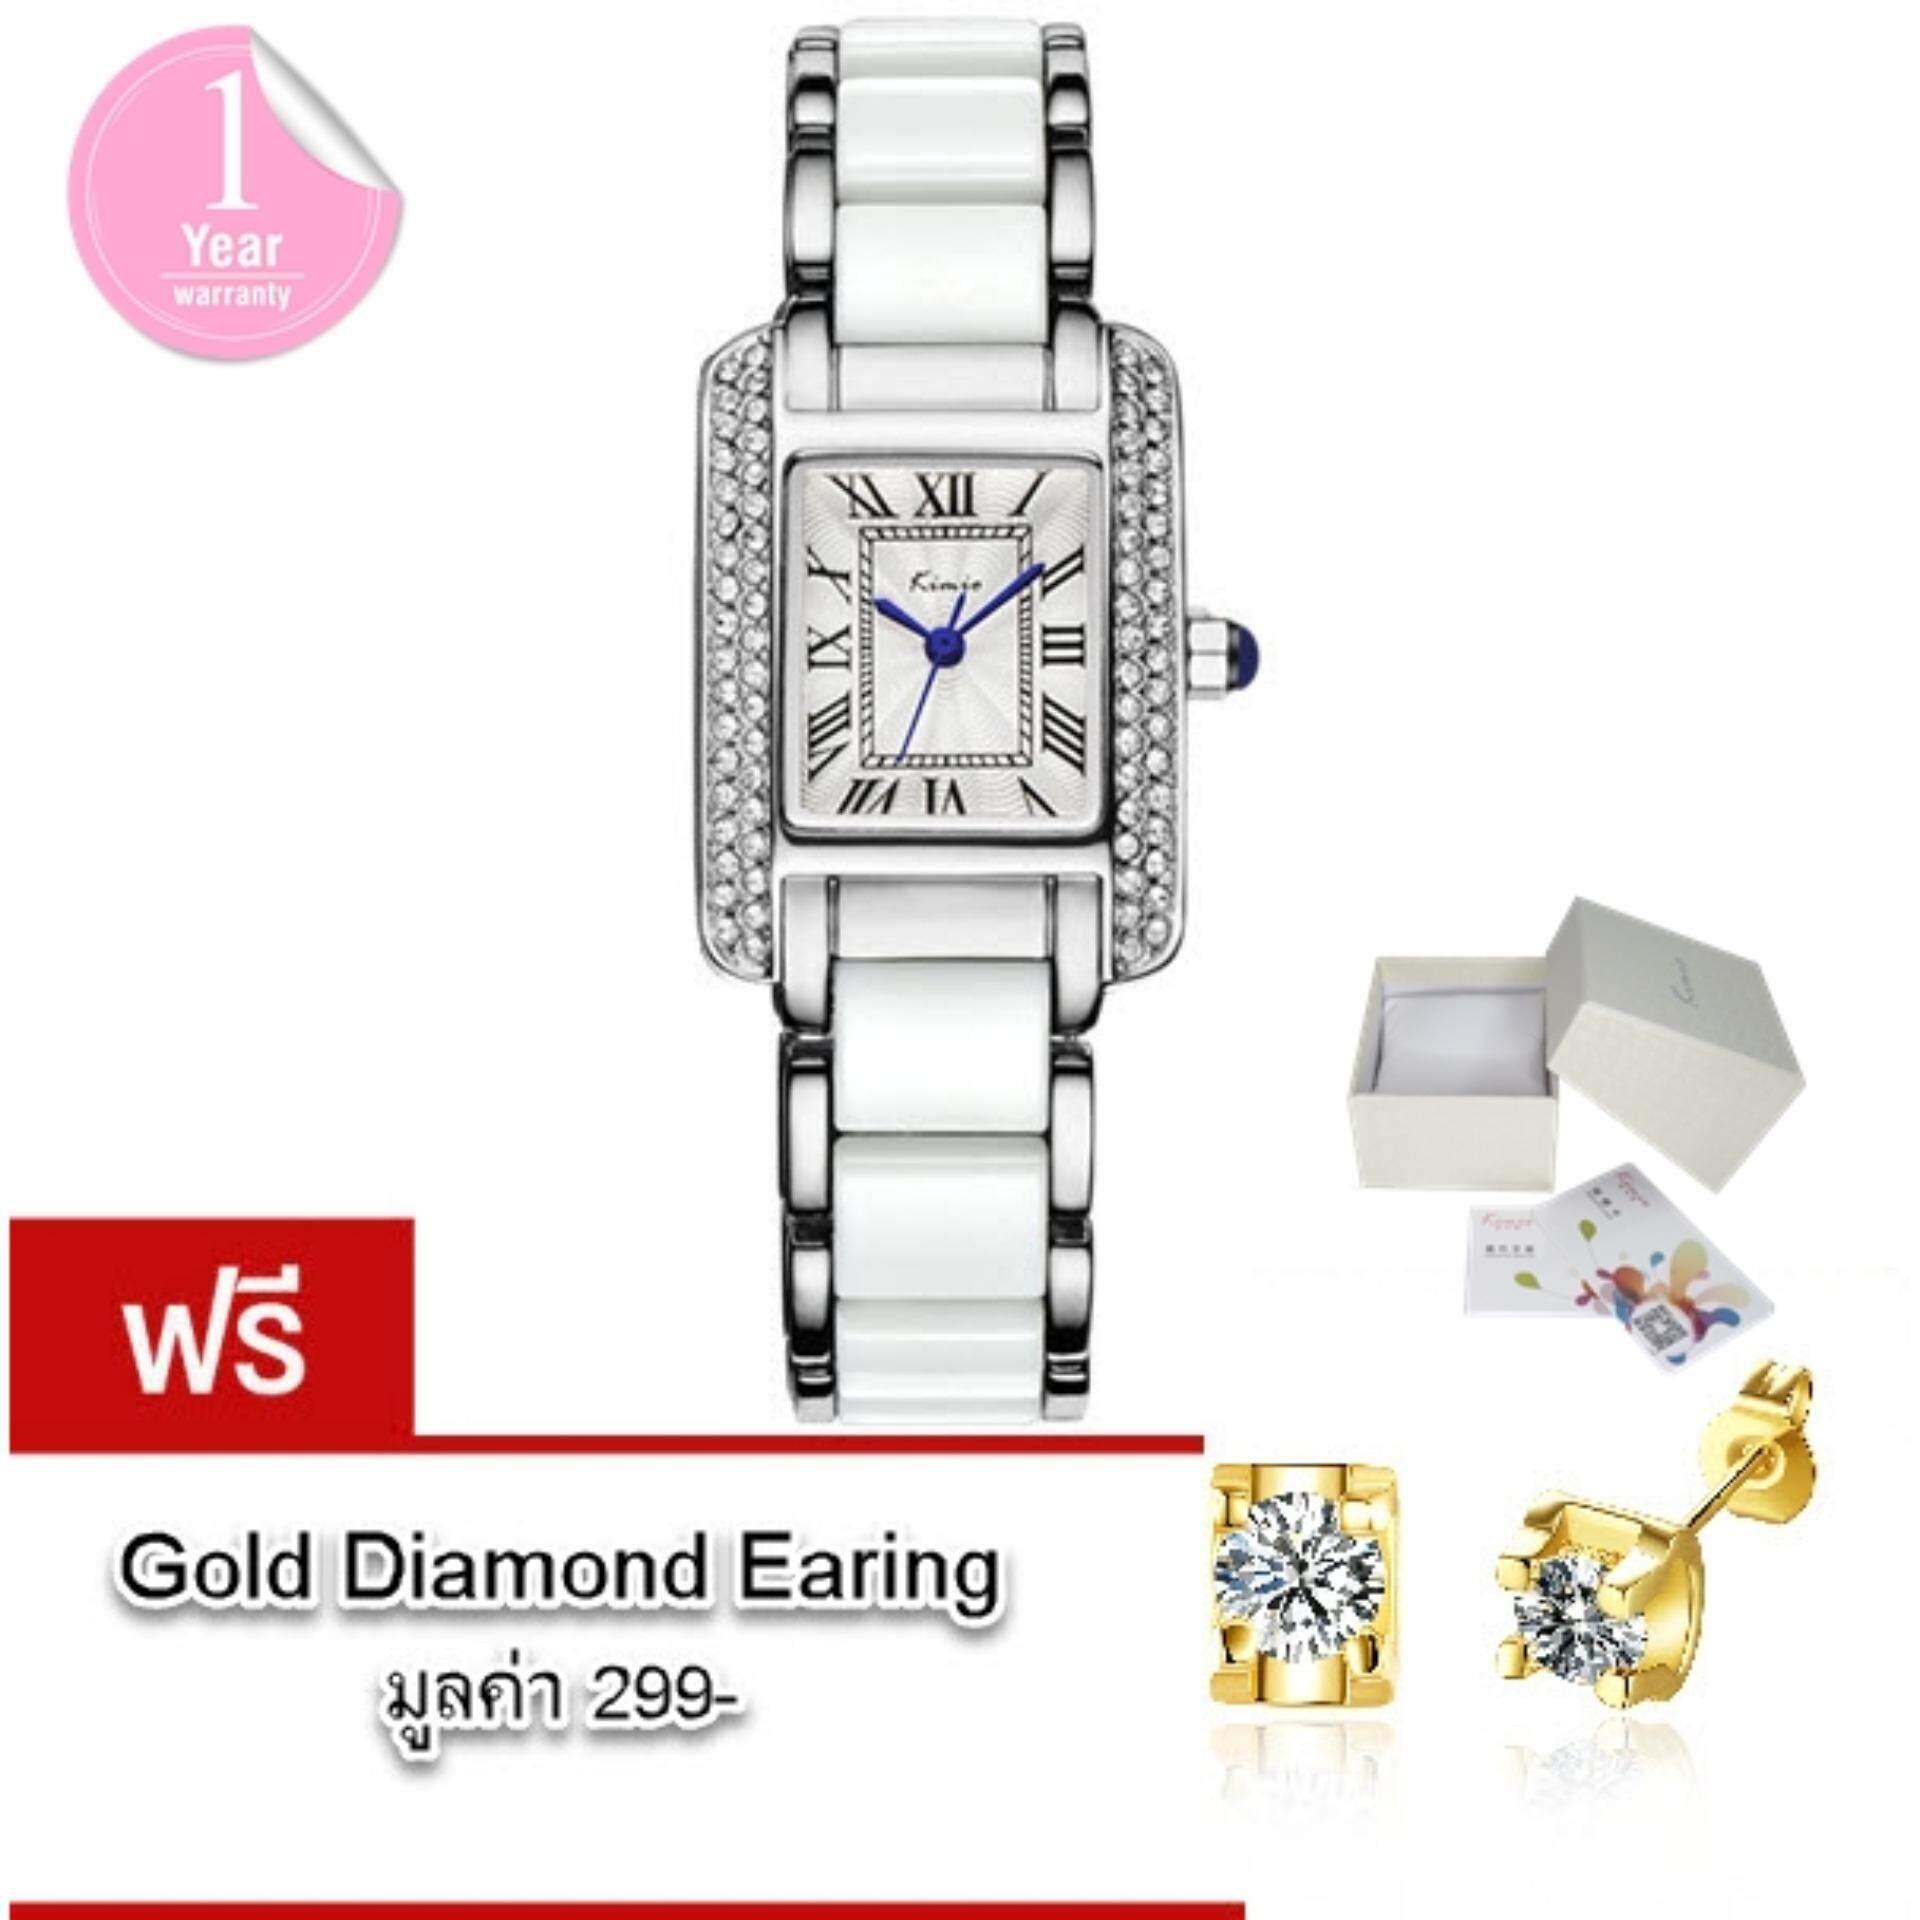 ขาย ซื้อ Kimio นาฬิกาข้อมือผู้หญิง แท้ 100 สาย Alloy สุดอินเทรนด์แฟชั่นของสาวๆ รุ่น Kw6036 พร้อมกล่อง Kimio แถมฟรี ต่างหู Gold Diamond มูลค่า 299 ใน สมุทรปราการ